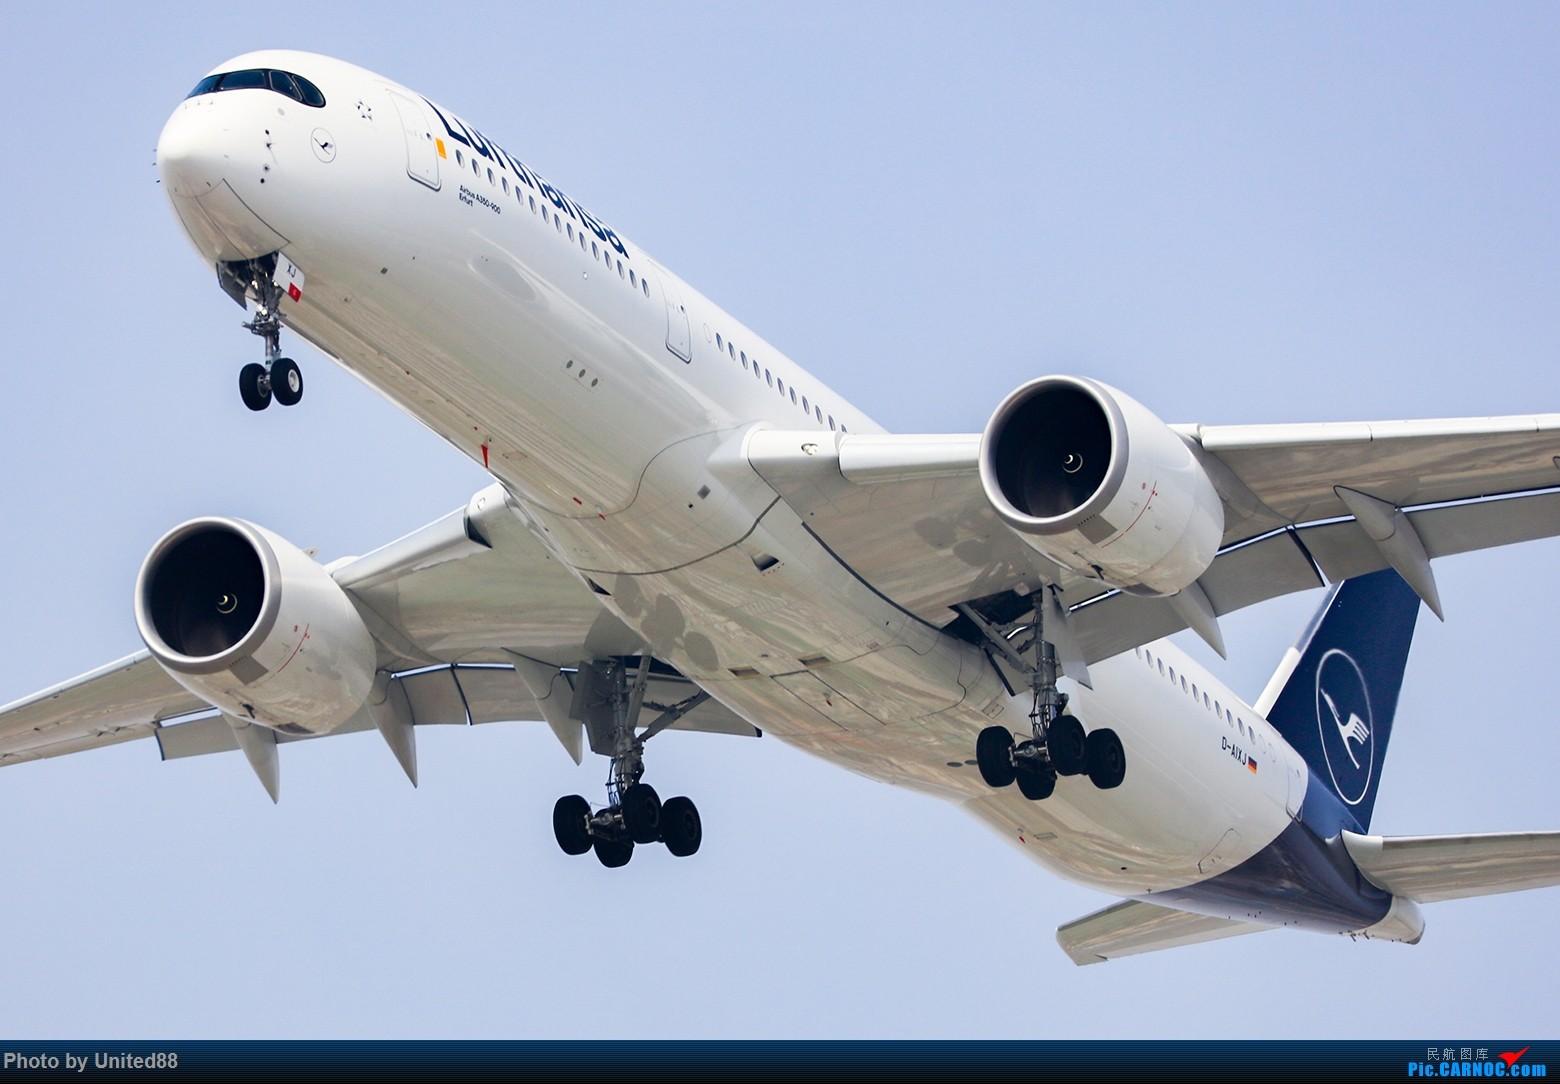 Re:[原创]ZBAA RWY1-9 洛杉矶视角 AIRBUS A350-900 D-AIXJ 中国北京首都国际机场